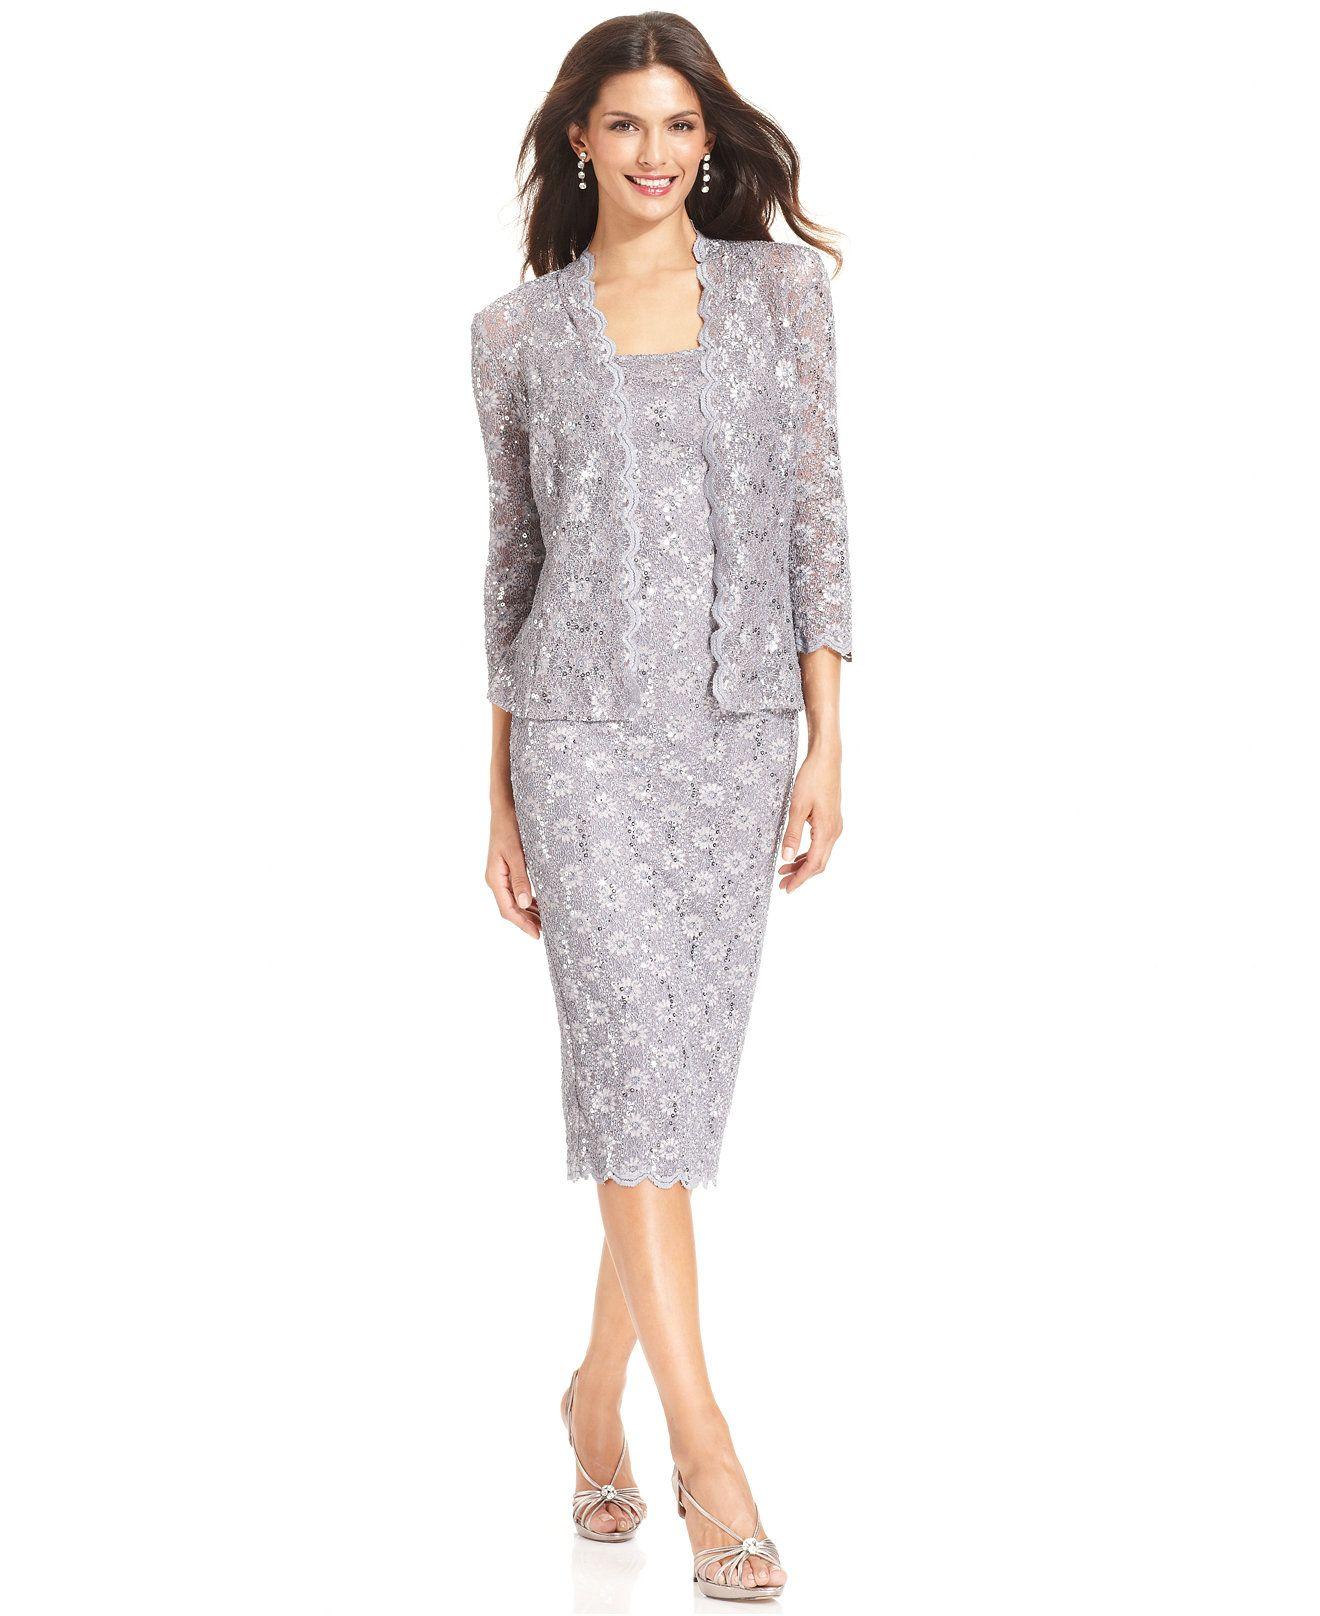 Alex Evenings Petite Sequin Lace Dress and Jacket - Dresses ...